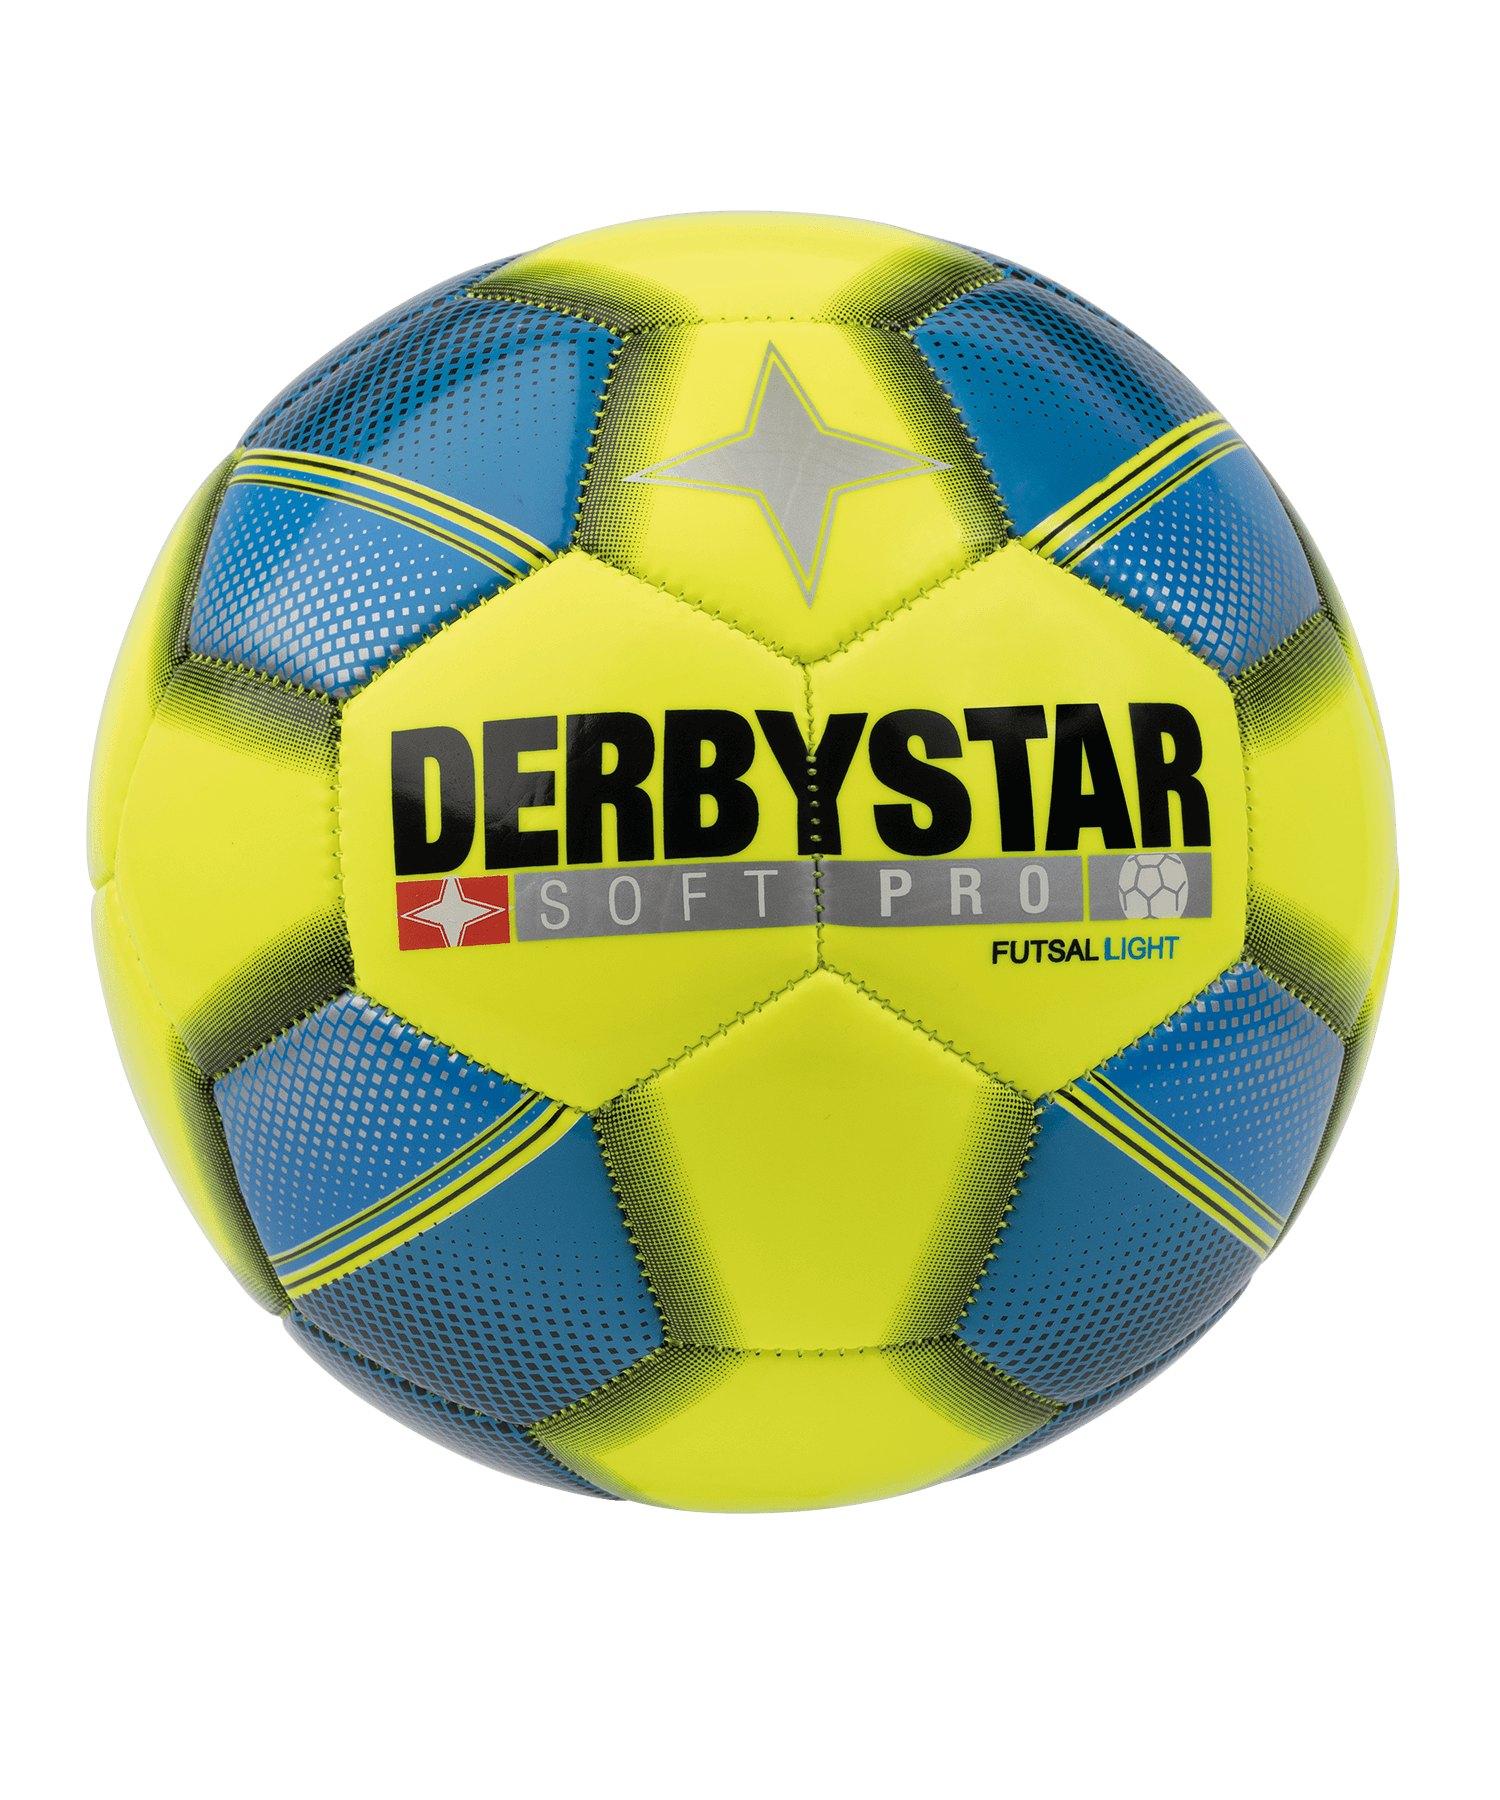 Derbystar Futsal Soft Pro Light Fussball F566 - gelb